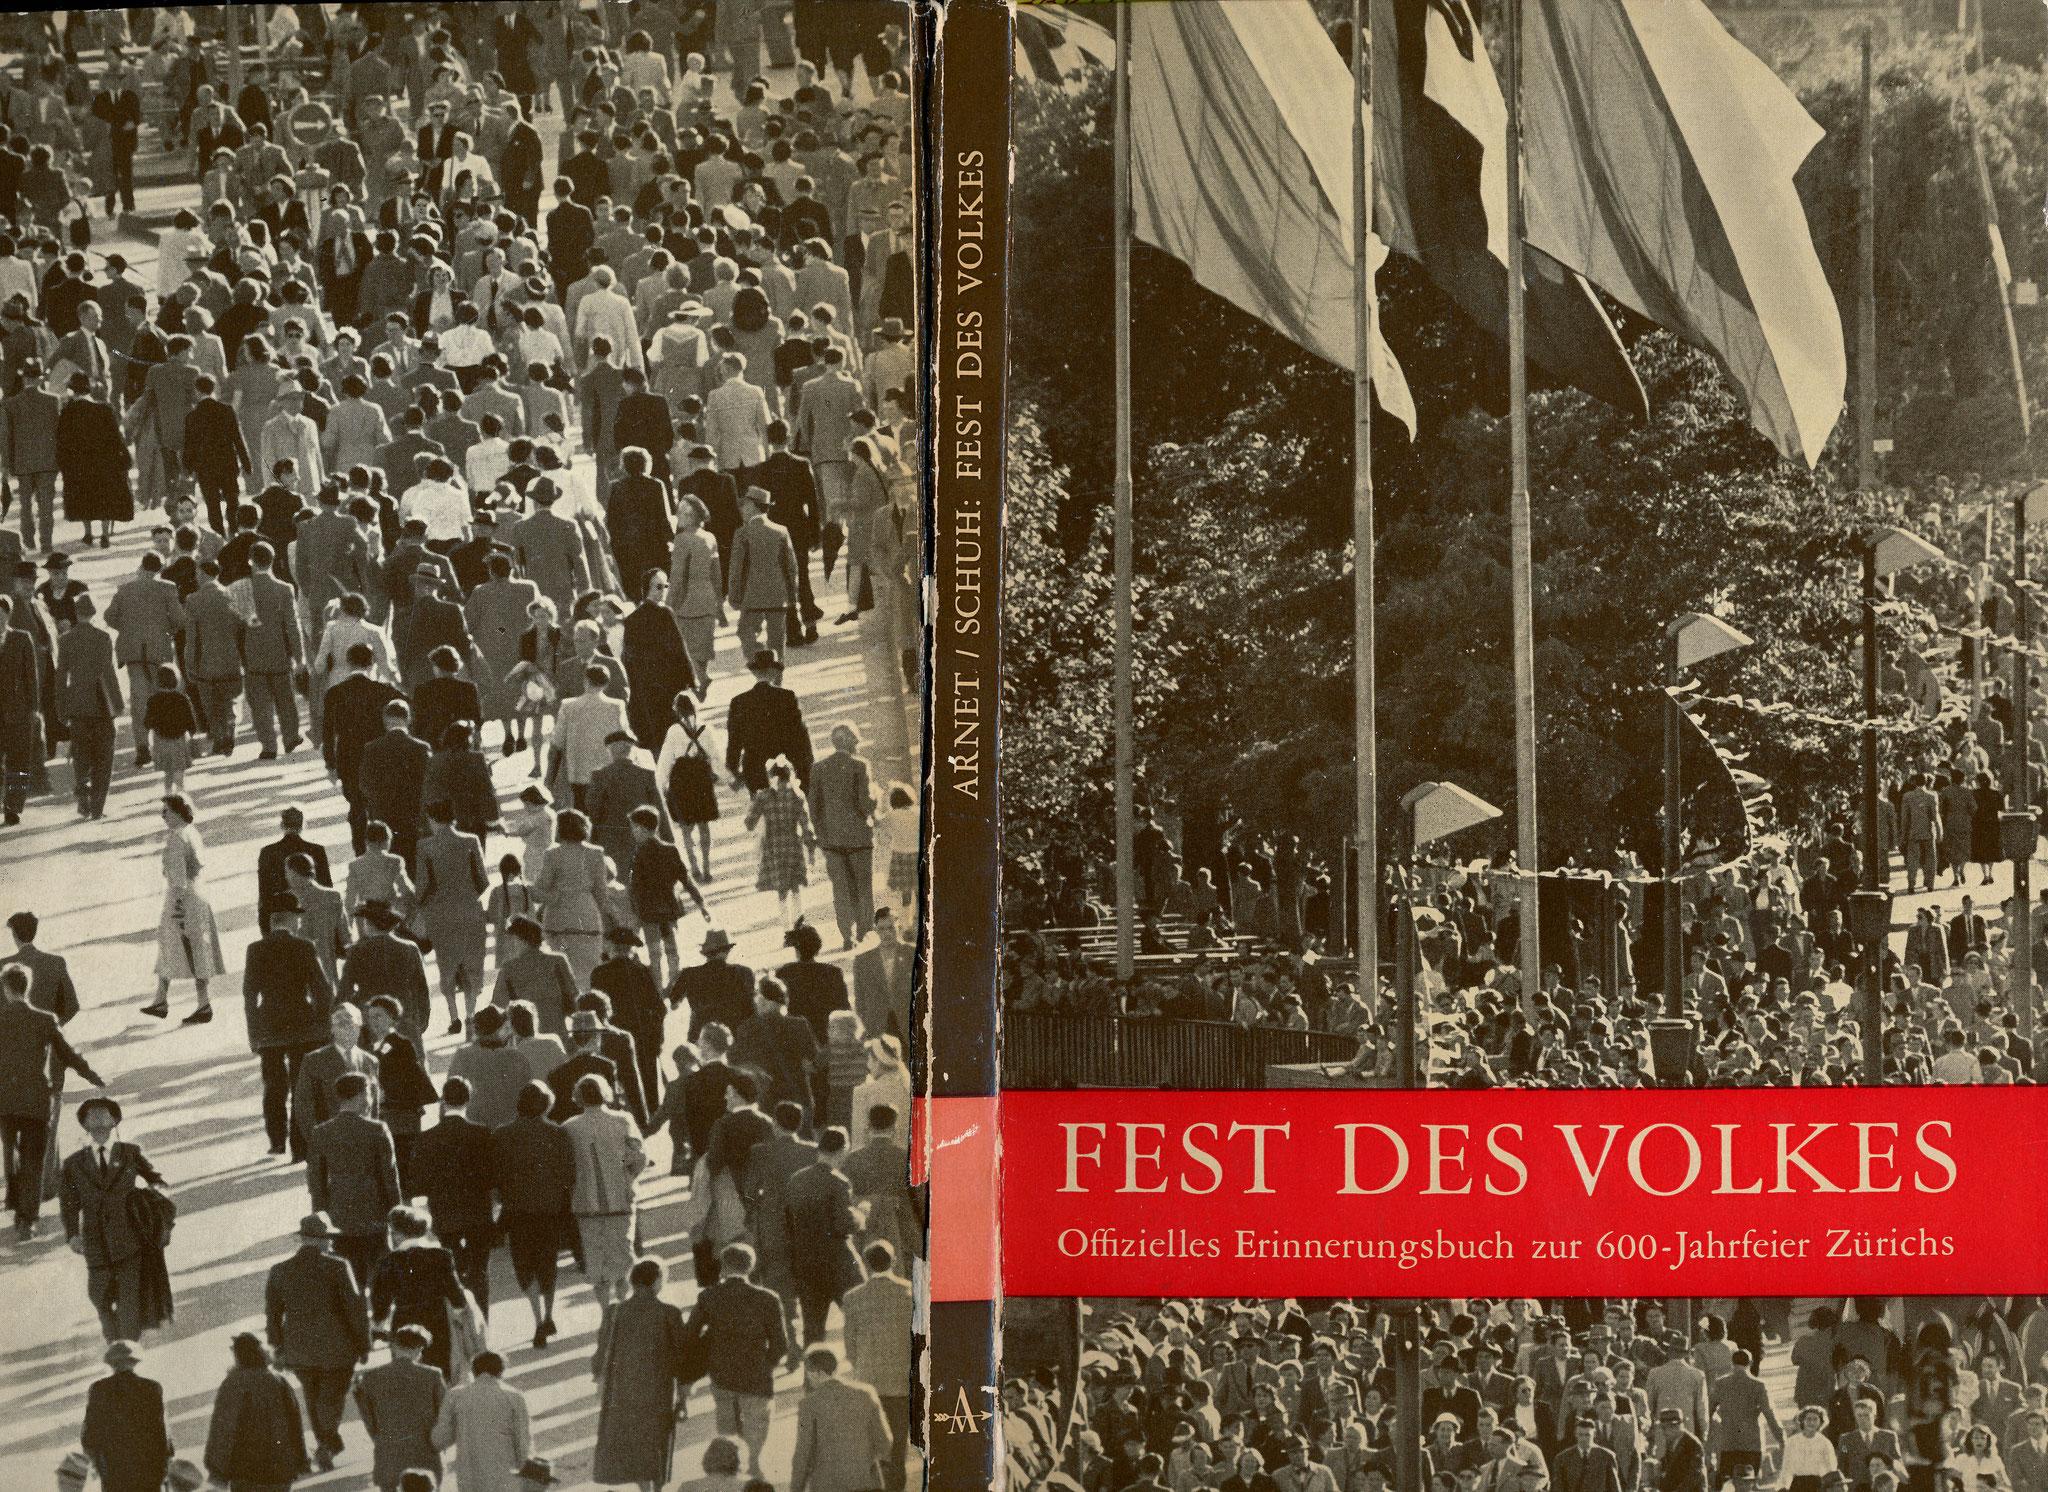 Offizielles Erinnerungsbuch «Fest des Volkes» 600-Jahrfeier Zürich 1951::Artemis Verlag Zürich